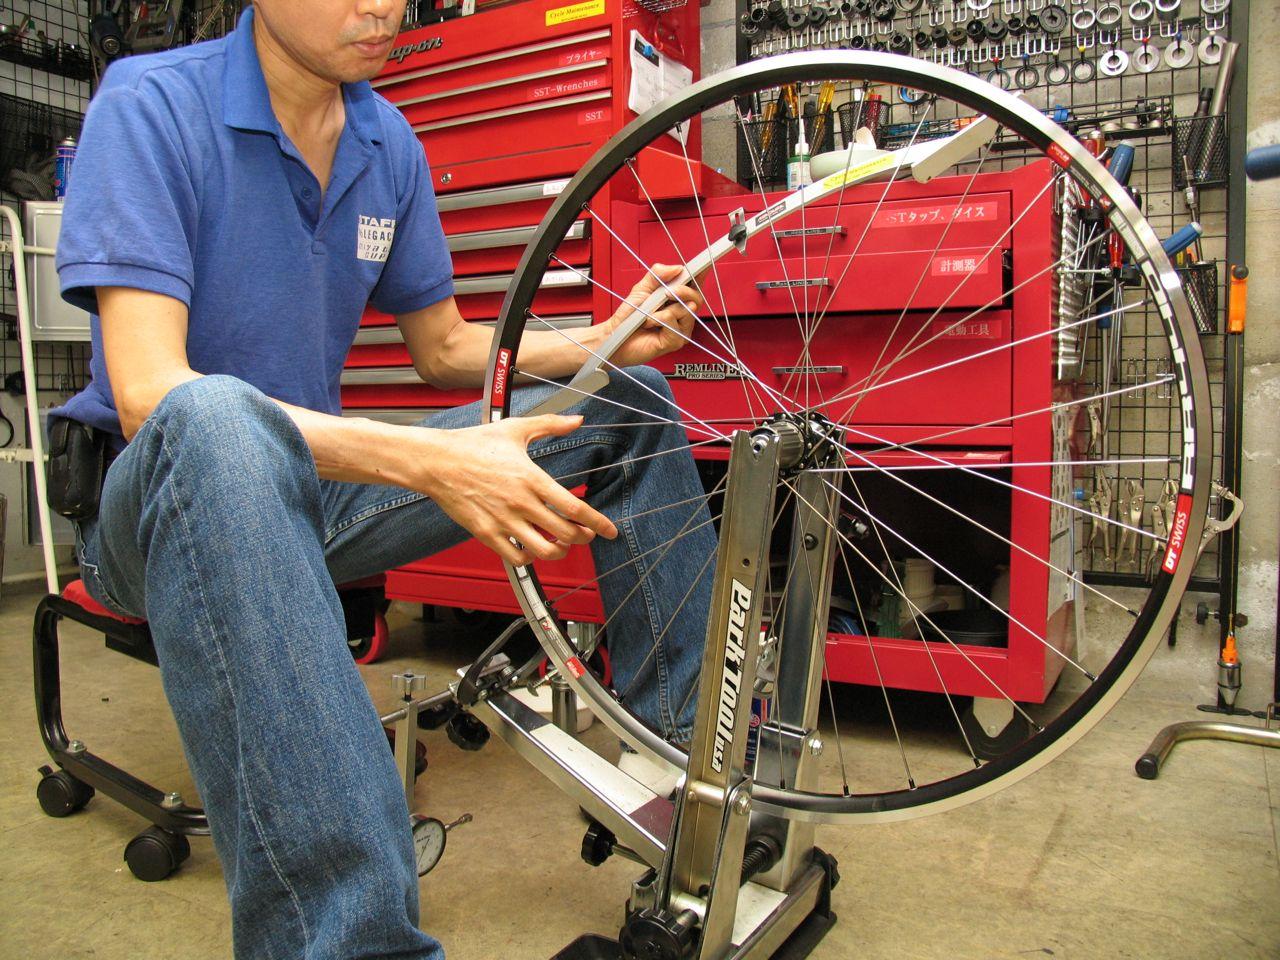 自転車の リム 自転車 : DT RR4400非対称リム&シマノ11s ...